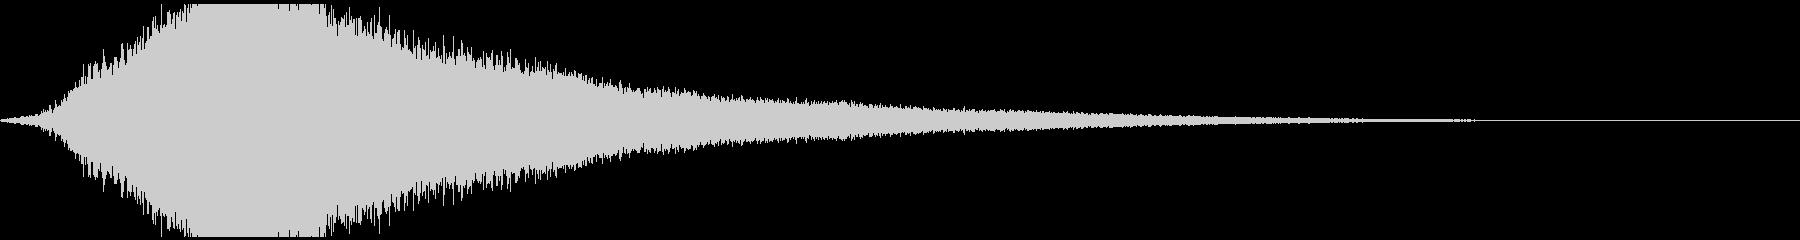 恐怖や超能力を感じさせる金属音1の未再生の波形